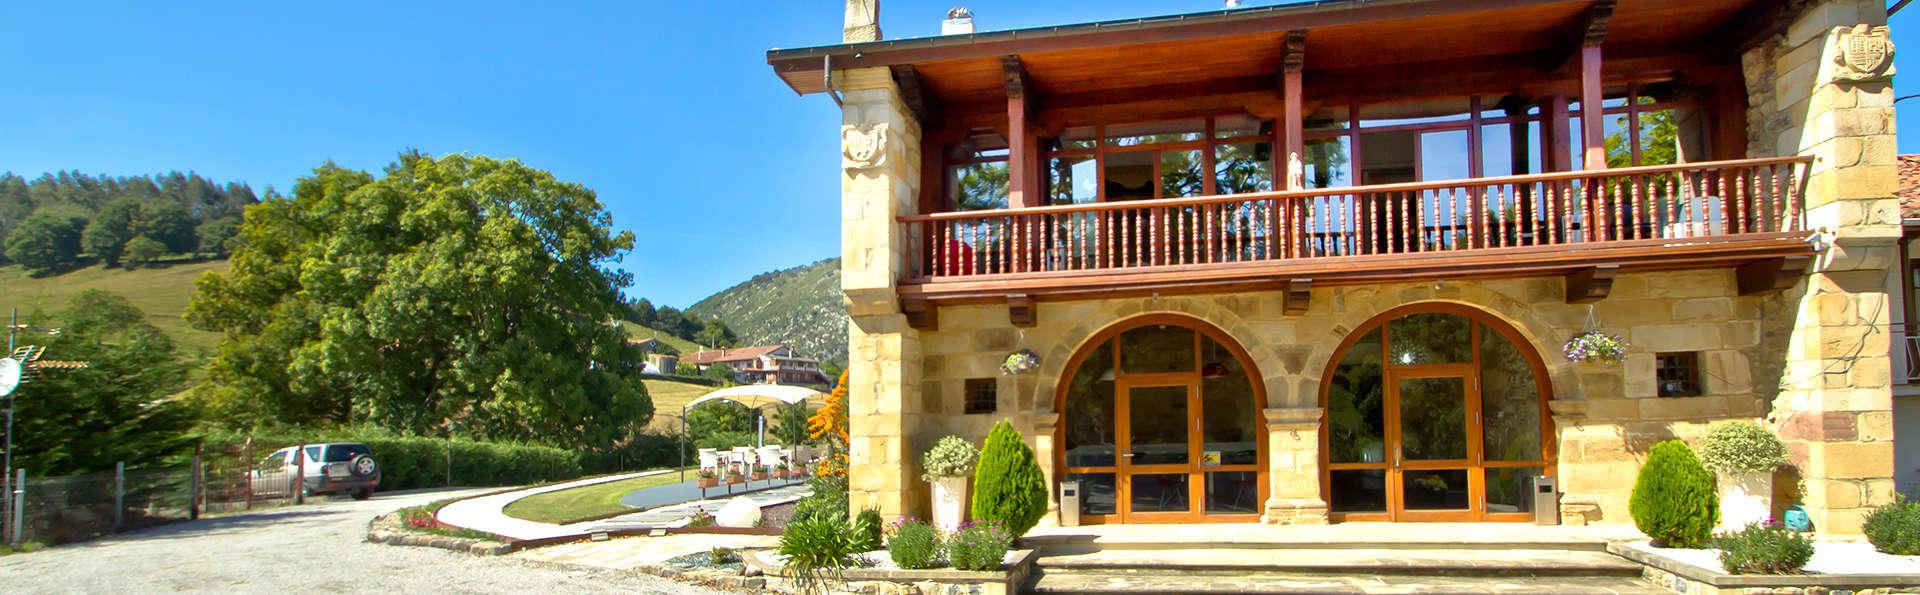 Hotel Villa Arce - Edit_Front5.jpg